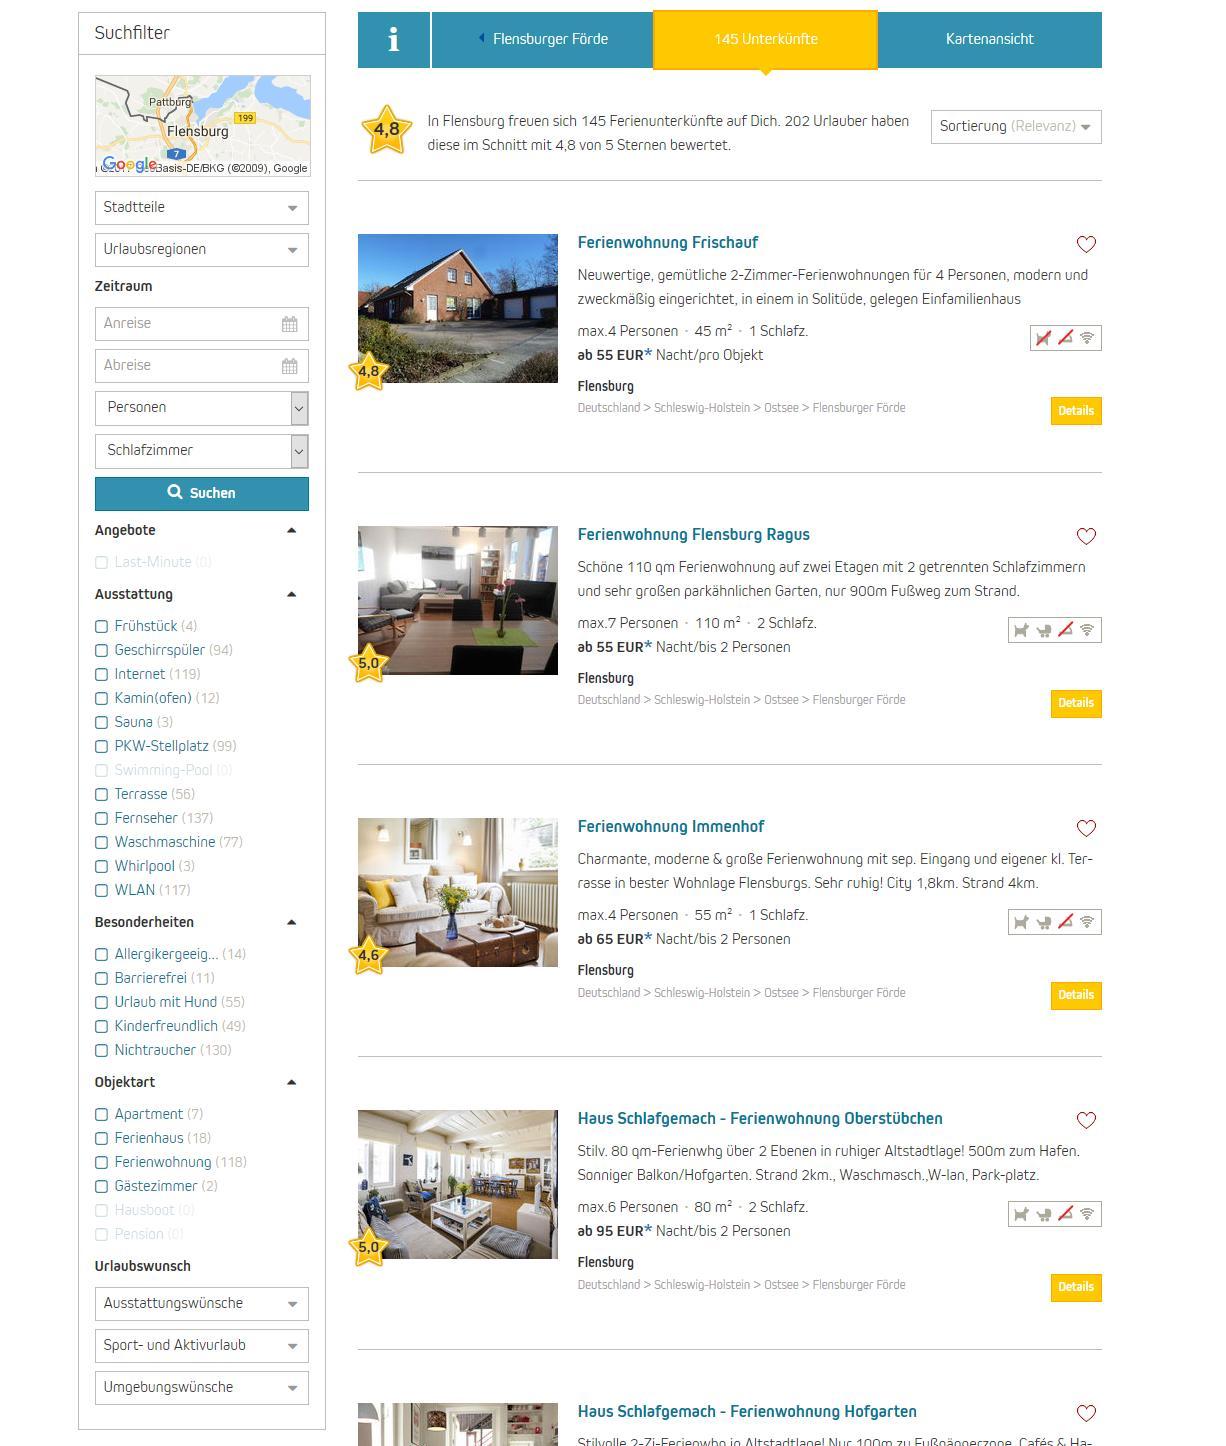 Die Suchfilter bei ferienwohnungen.de